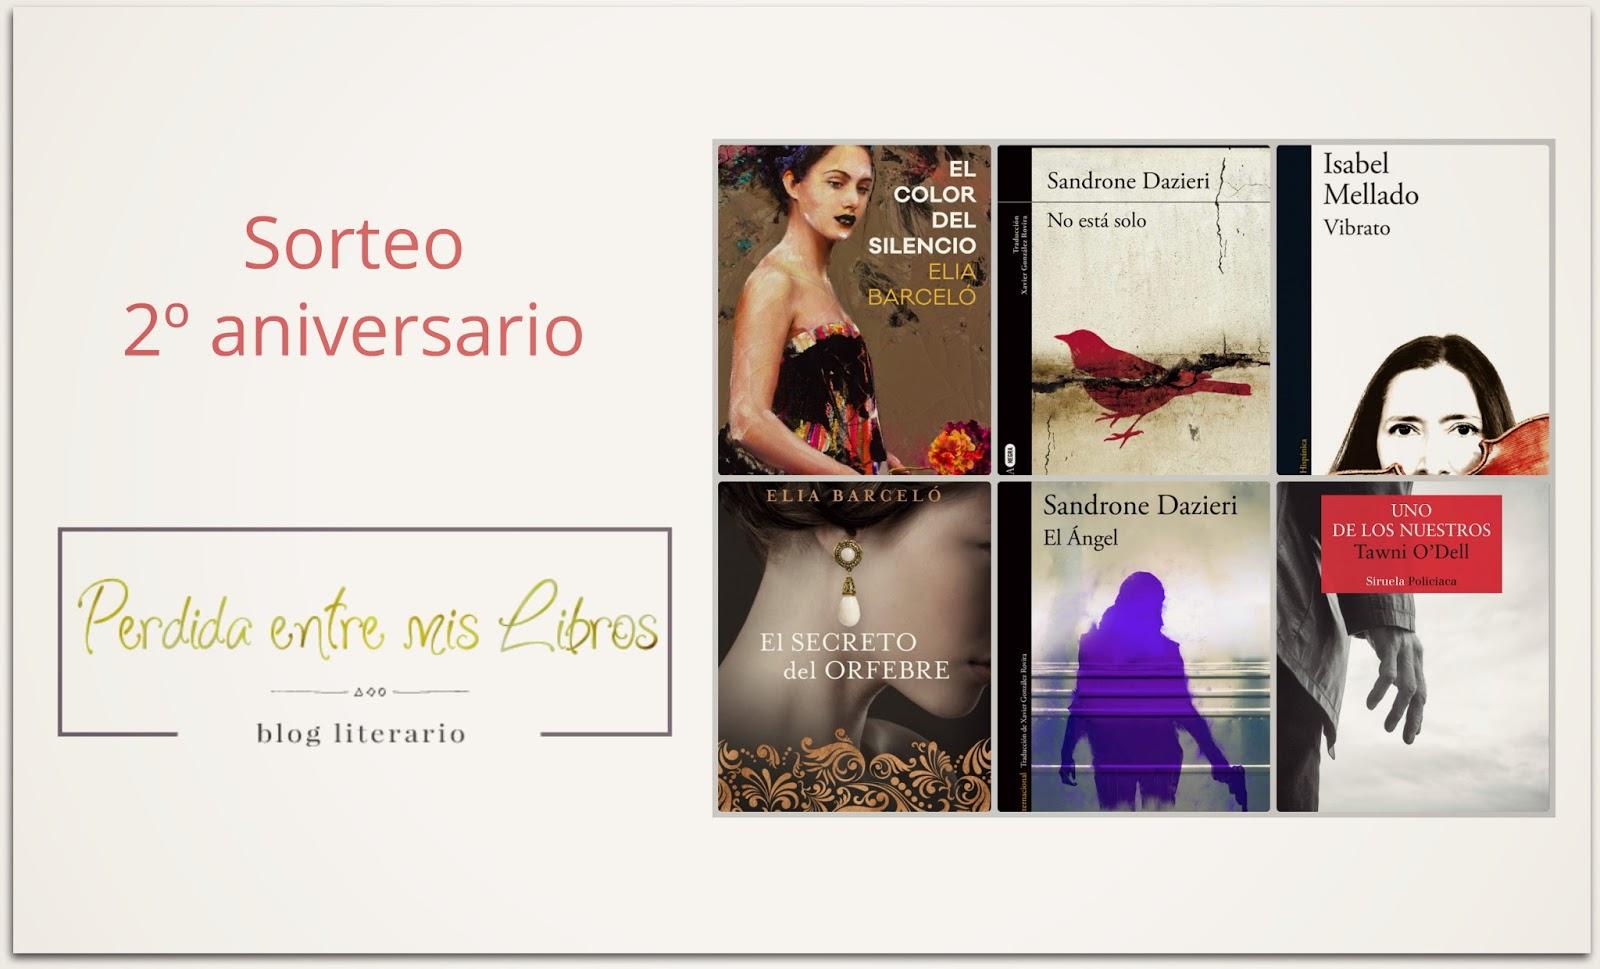 Sorteo 2º aniversario del blog Perdida entre mis libros